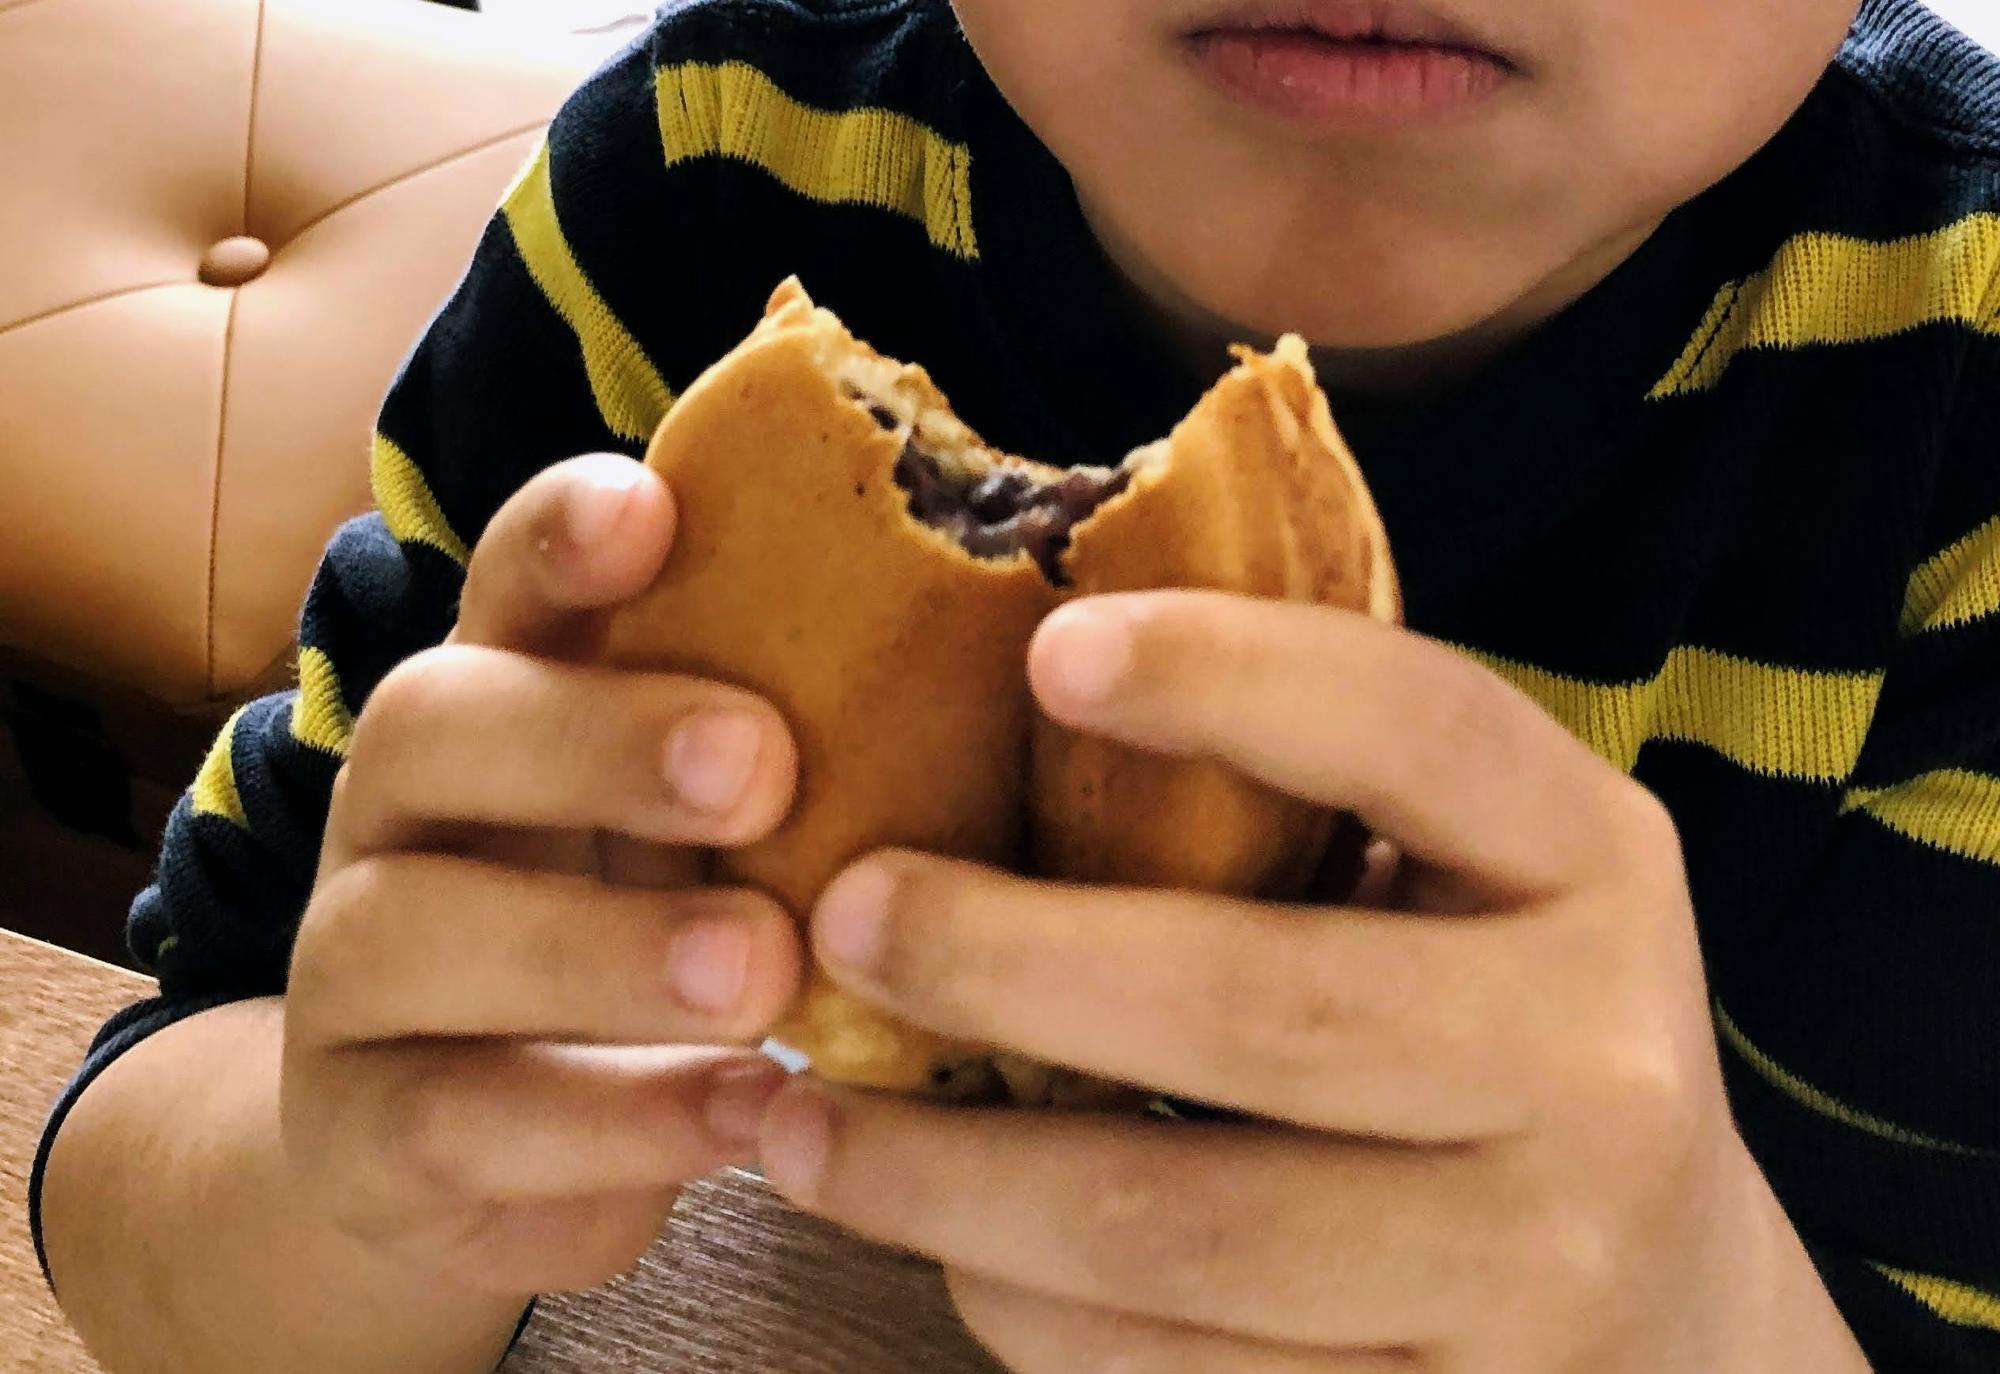 うちの空太郎氏も「桔梗屋さんのあんこは特別でおいしいんだよ」と学校で得た知識を披露してくれました